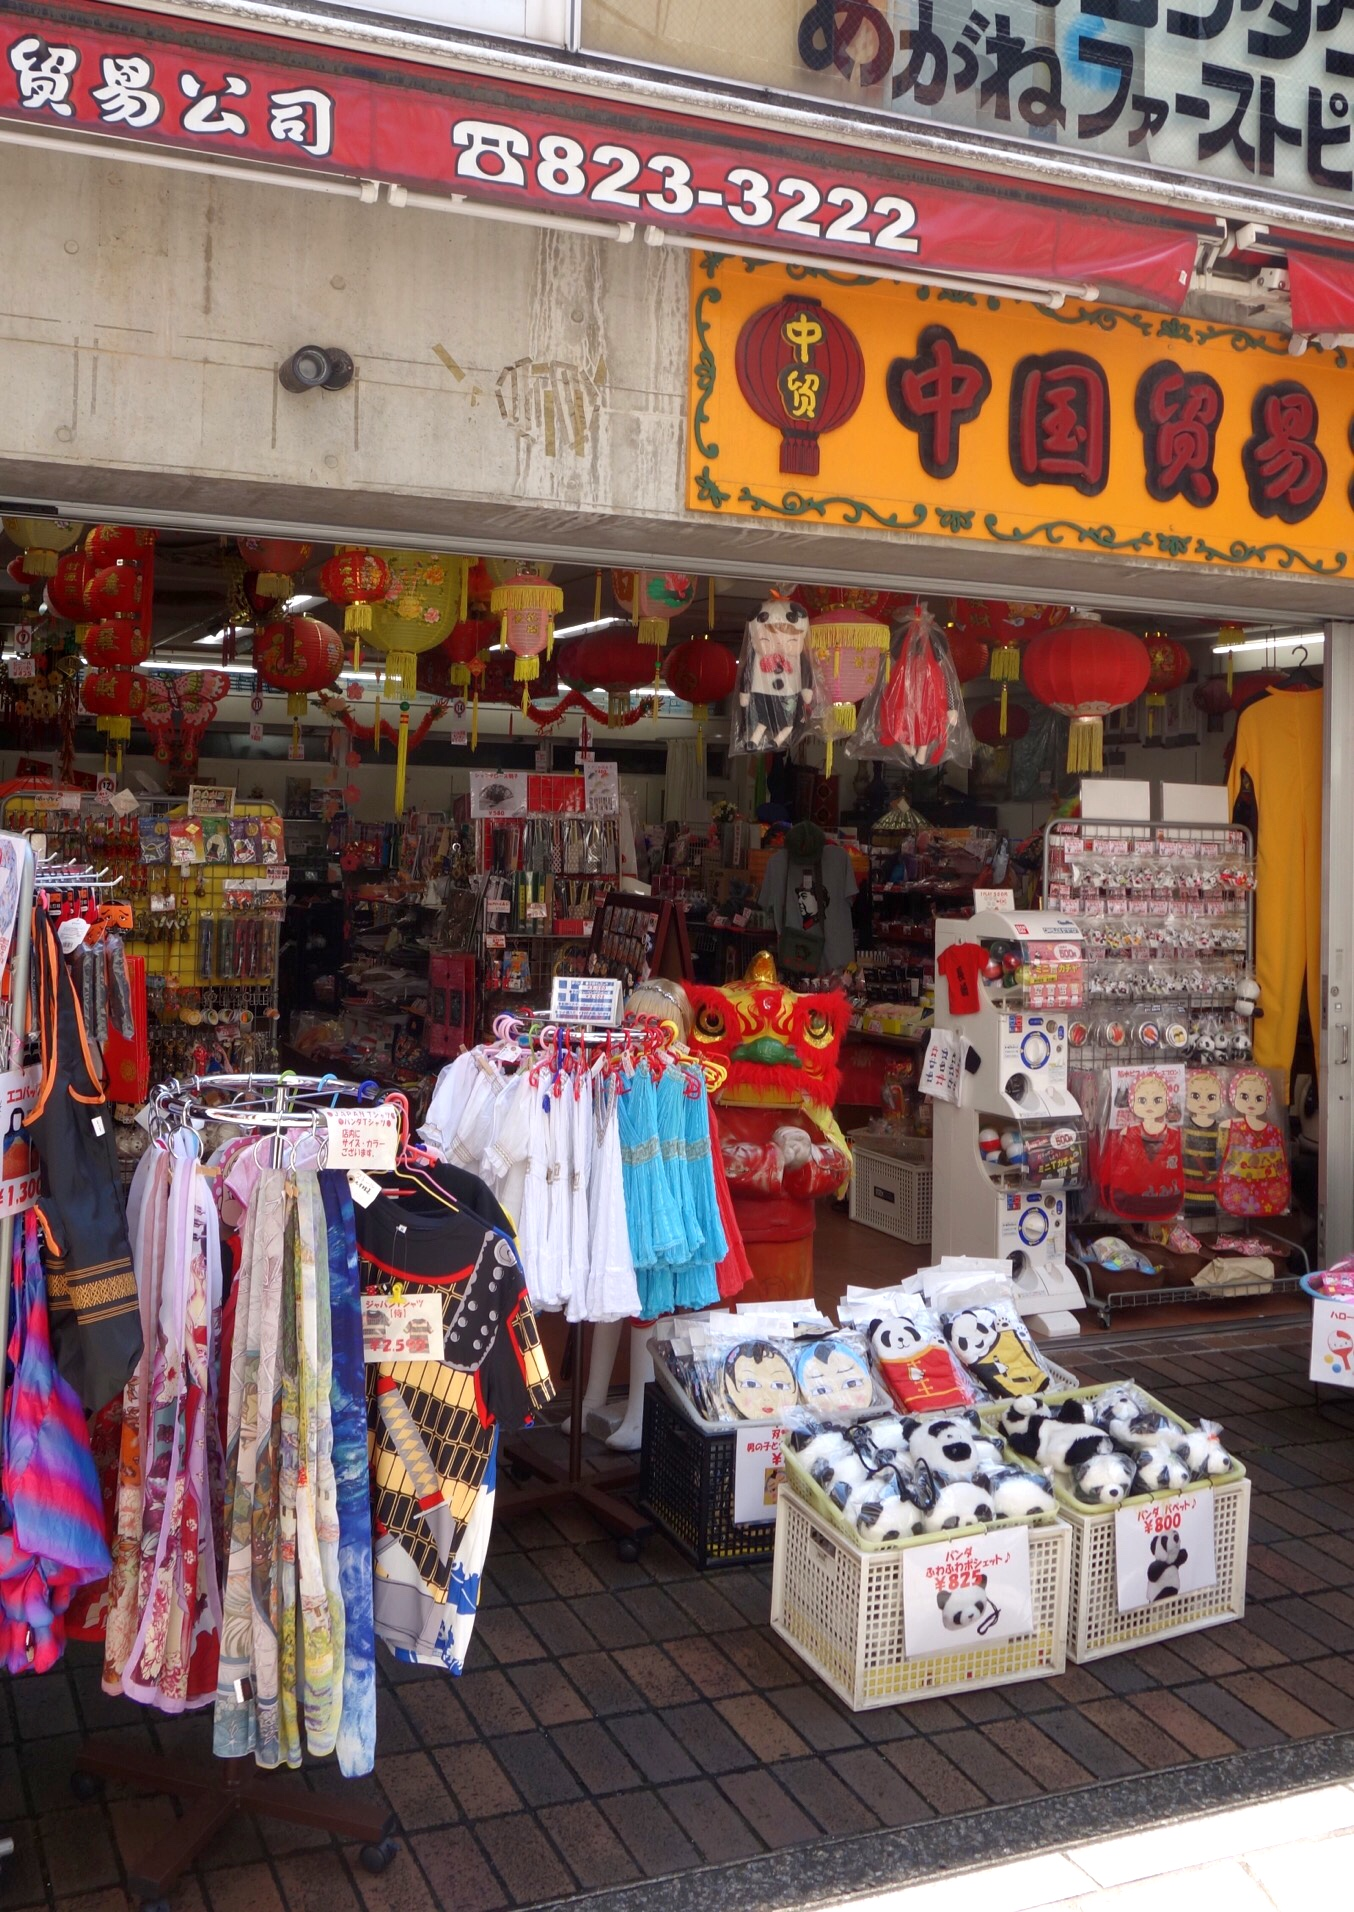 中華街の雑貨屋(撮影:中野龍三)。